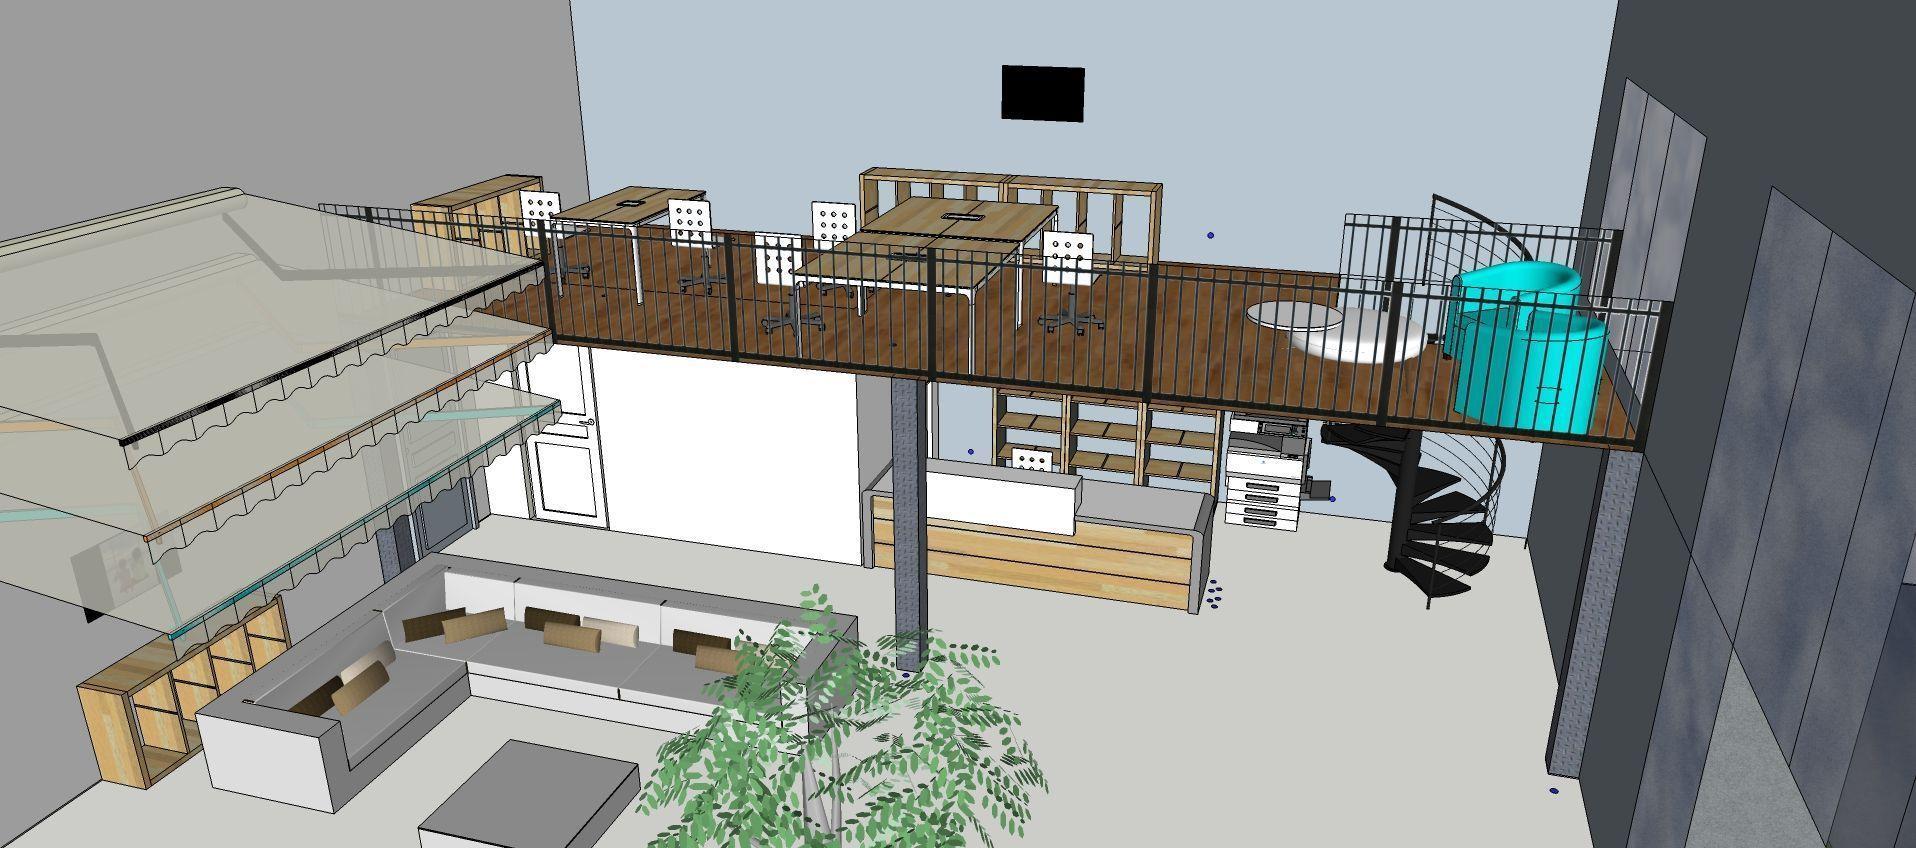 Modélisation 3D showroom Passion Store